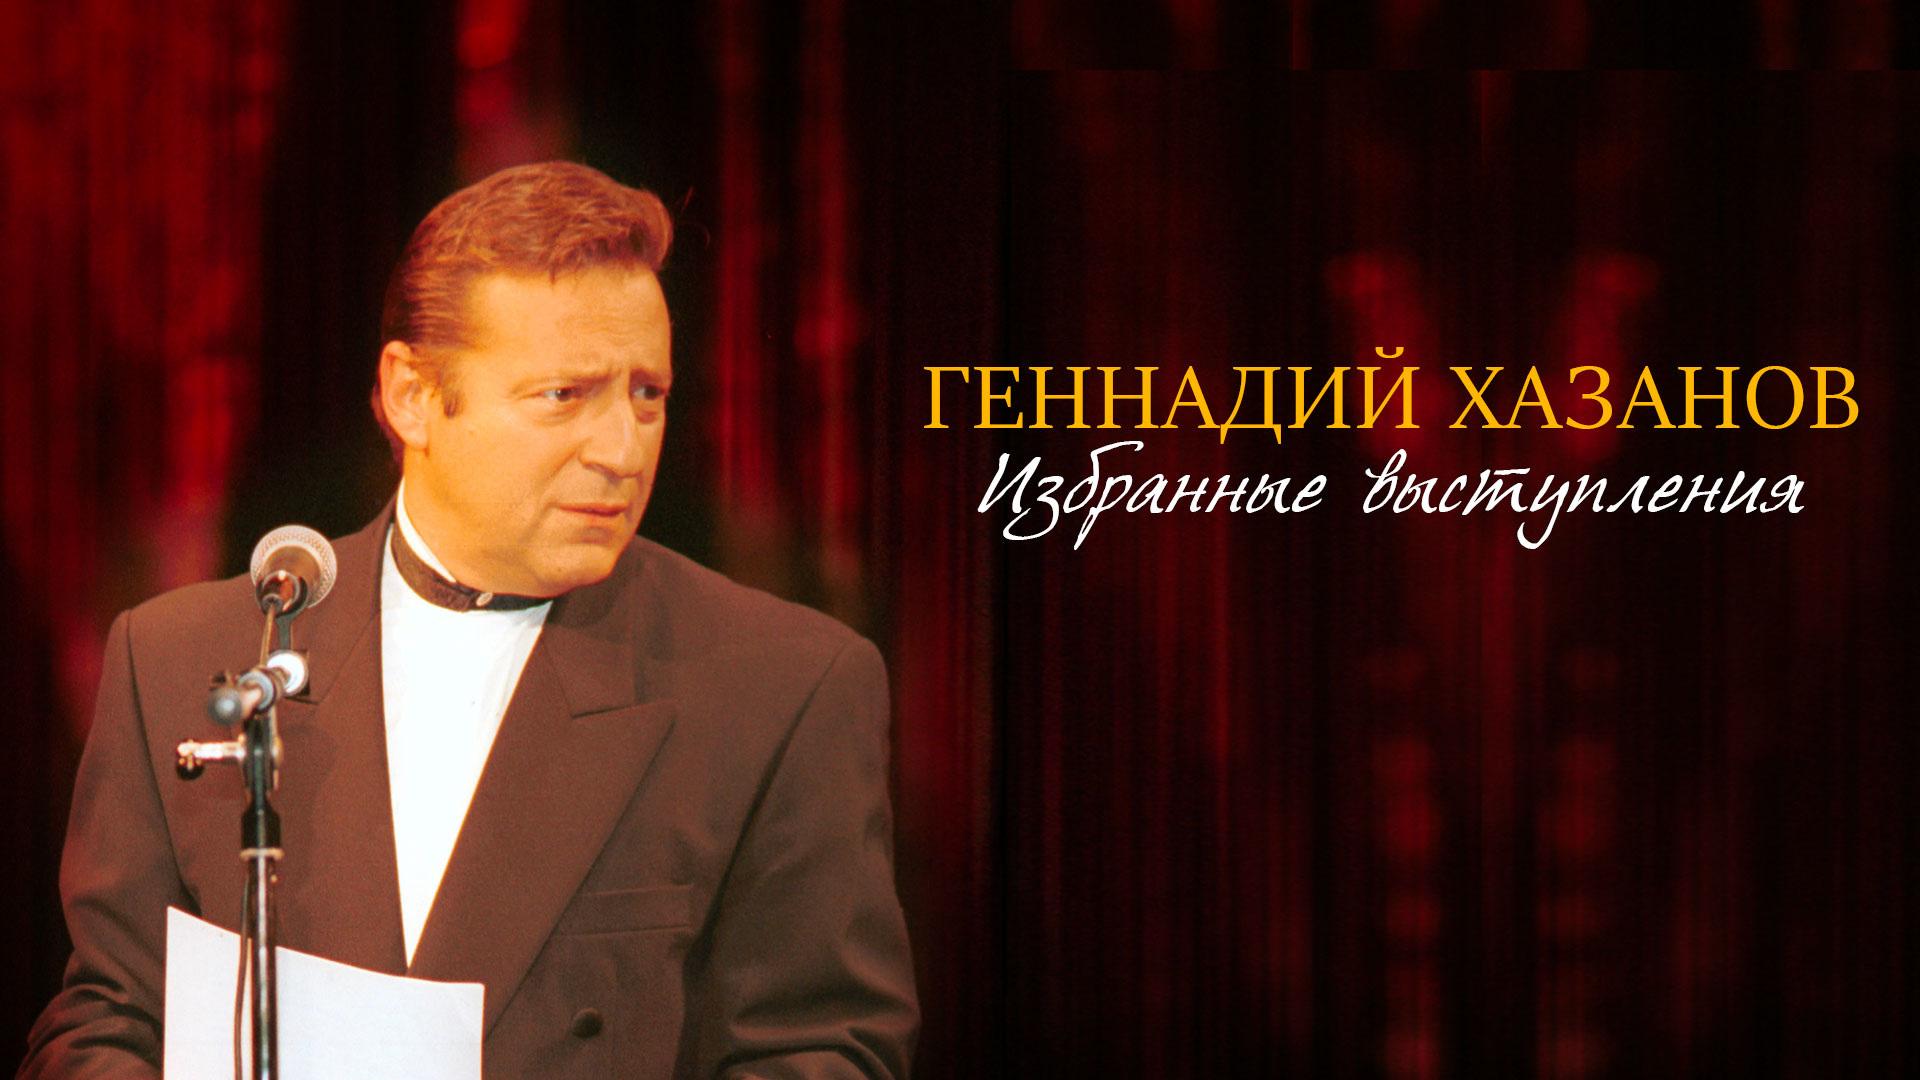 Геннадий Хазанов. Избранные выступления